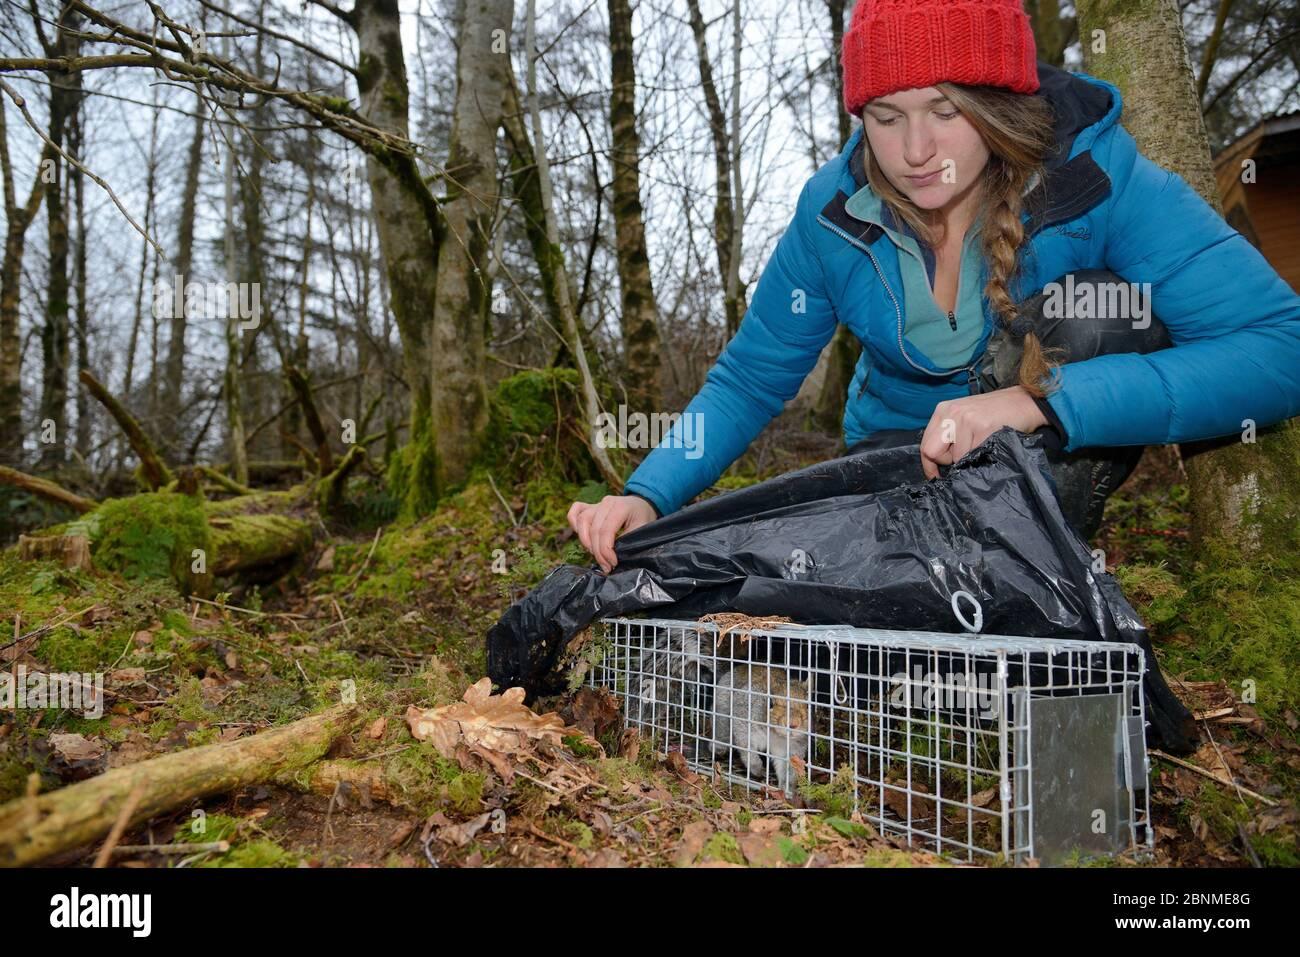 Catherine McNicol inspectant un écureuil gris (Sciurus carolinensis) elle a pris dans un piège de capture en direct tout en surveillant l'écureuil dans la population Banque D'Images